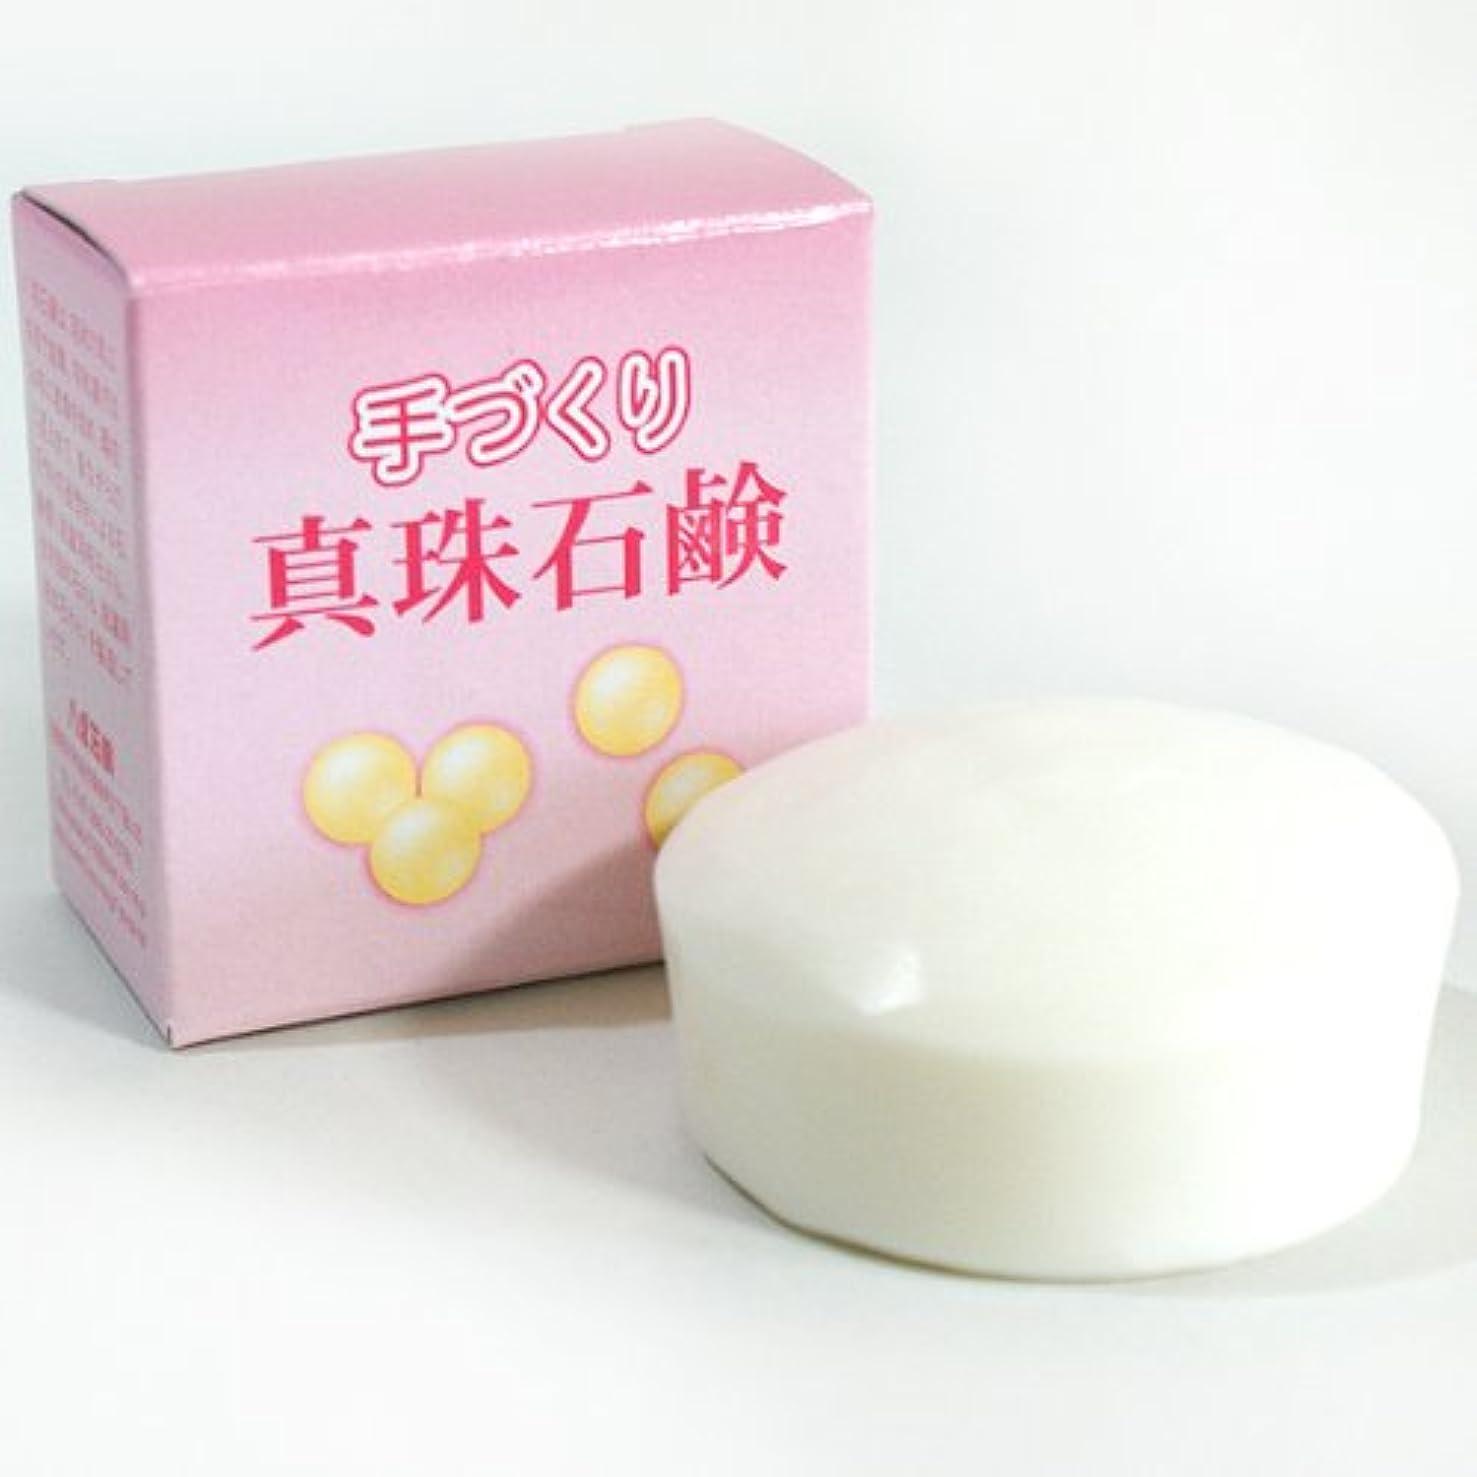 行動サイクロプスペルソナ八坂石鹸 手作り石けん 真珠60g(箱入り)